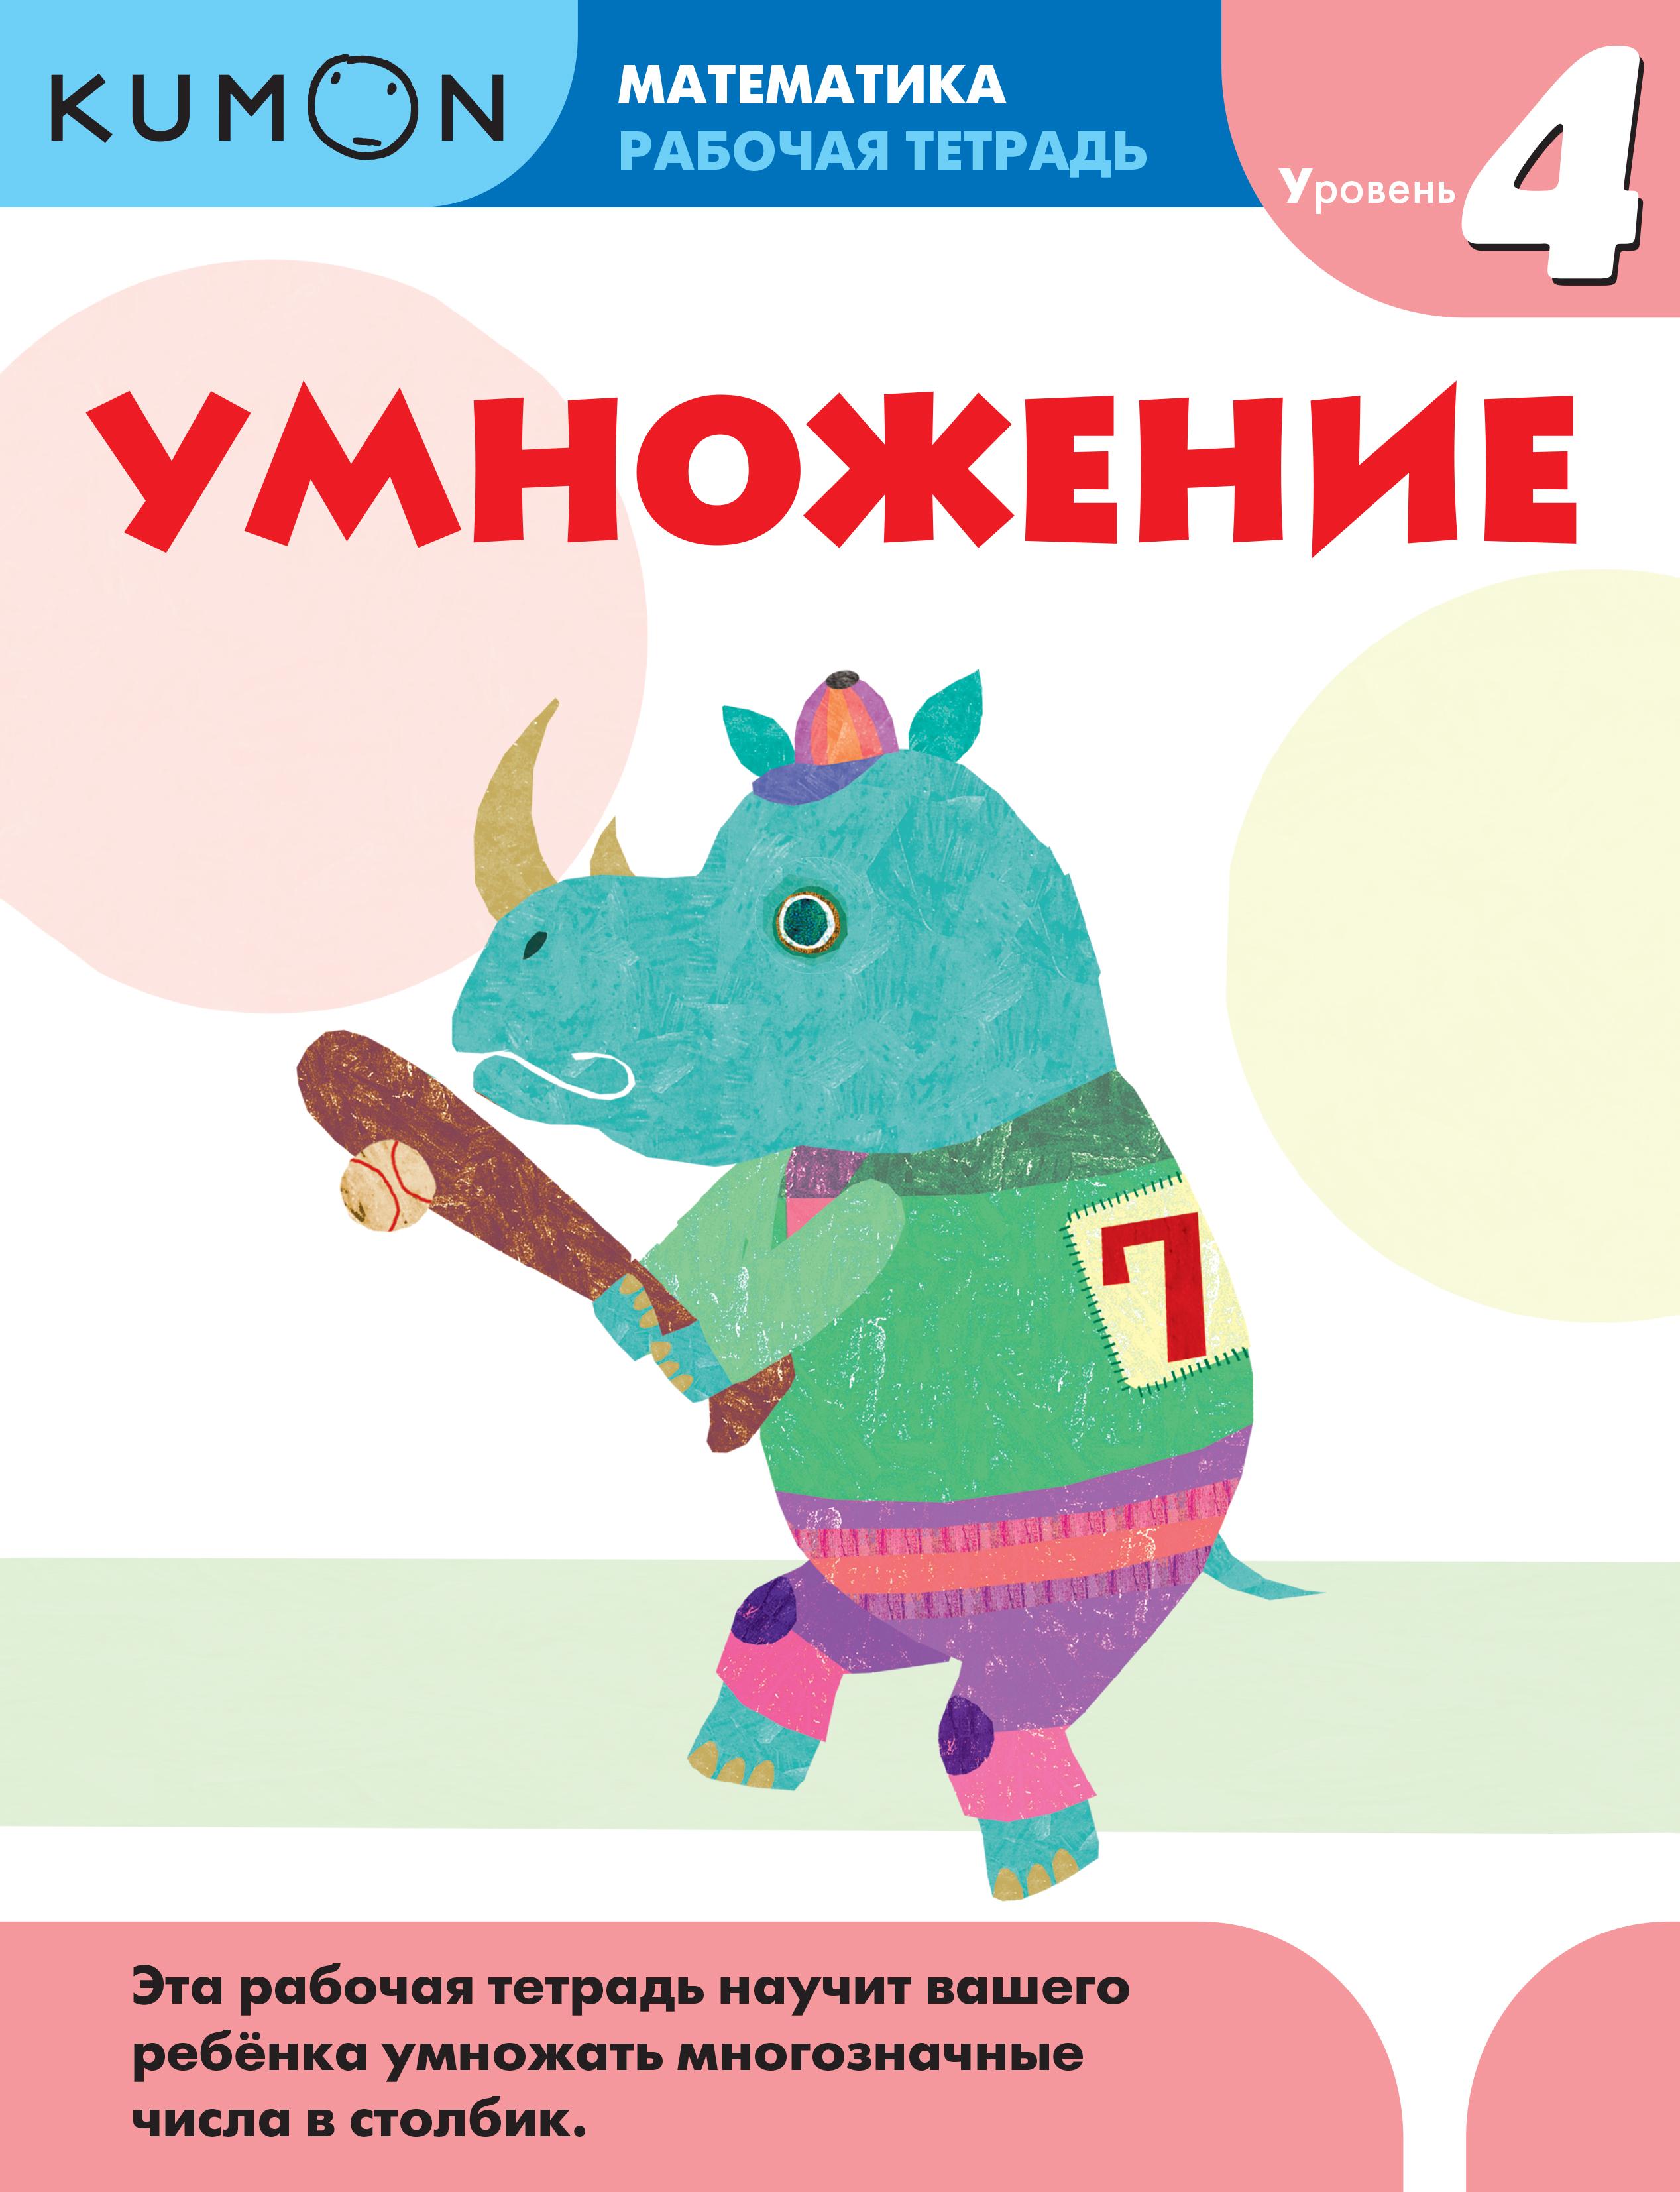 Kumon Математика. Умножение. Уровень 4 от book24.ru